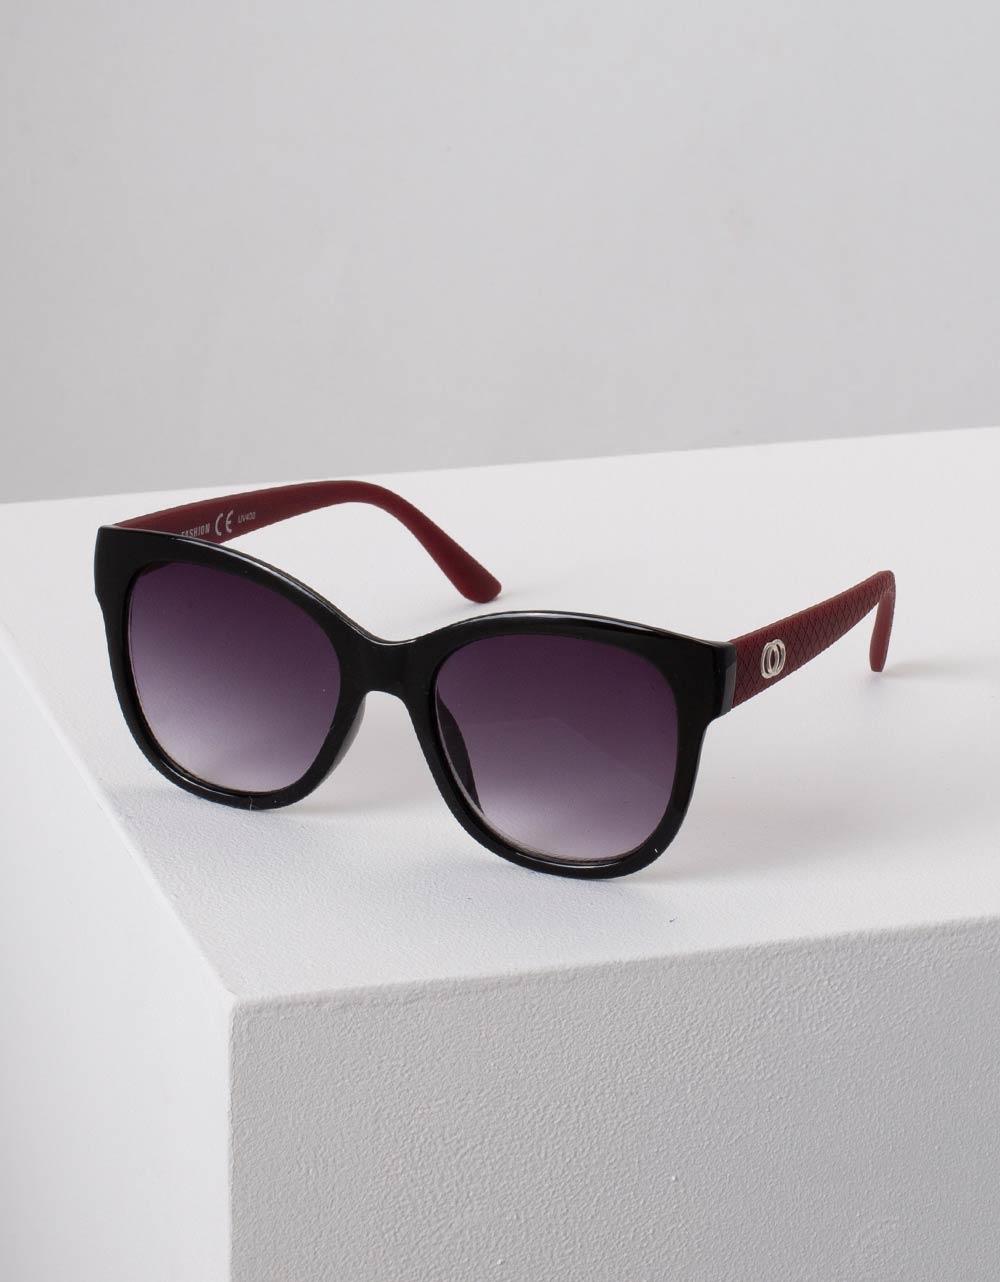 Εικόνα από Γυναικεία γυαλιά ηλίου στρογγυλά Μπορντώ